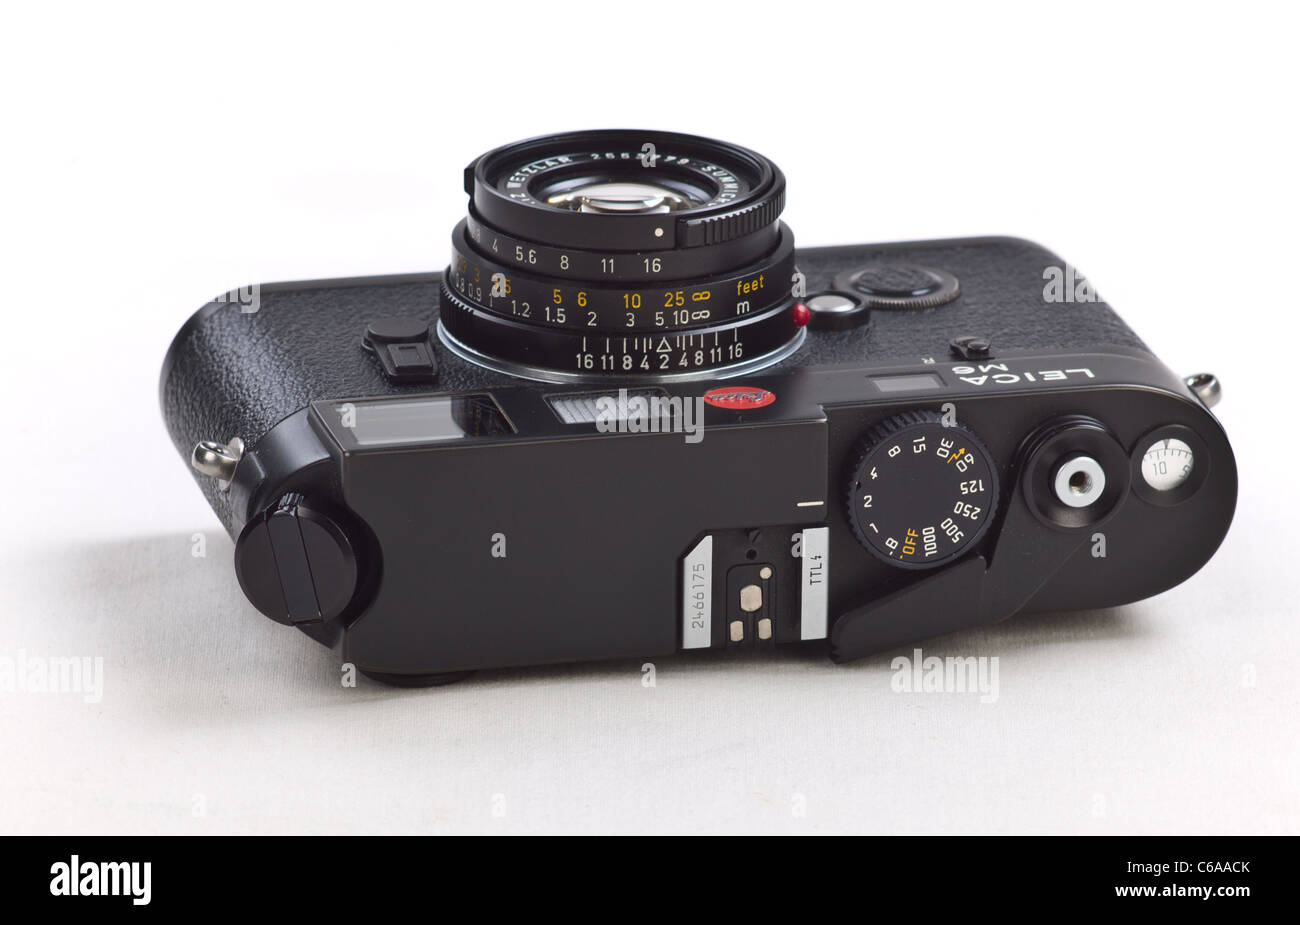 Leica Entfernungsmesser Golf : Leica entfernungsmesser messtechnik und mehr